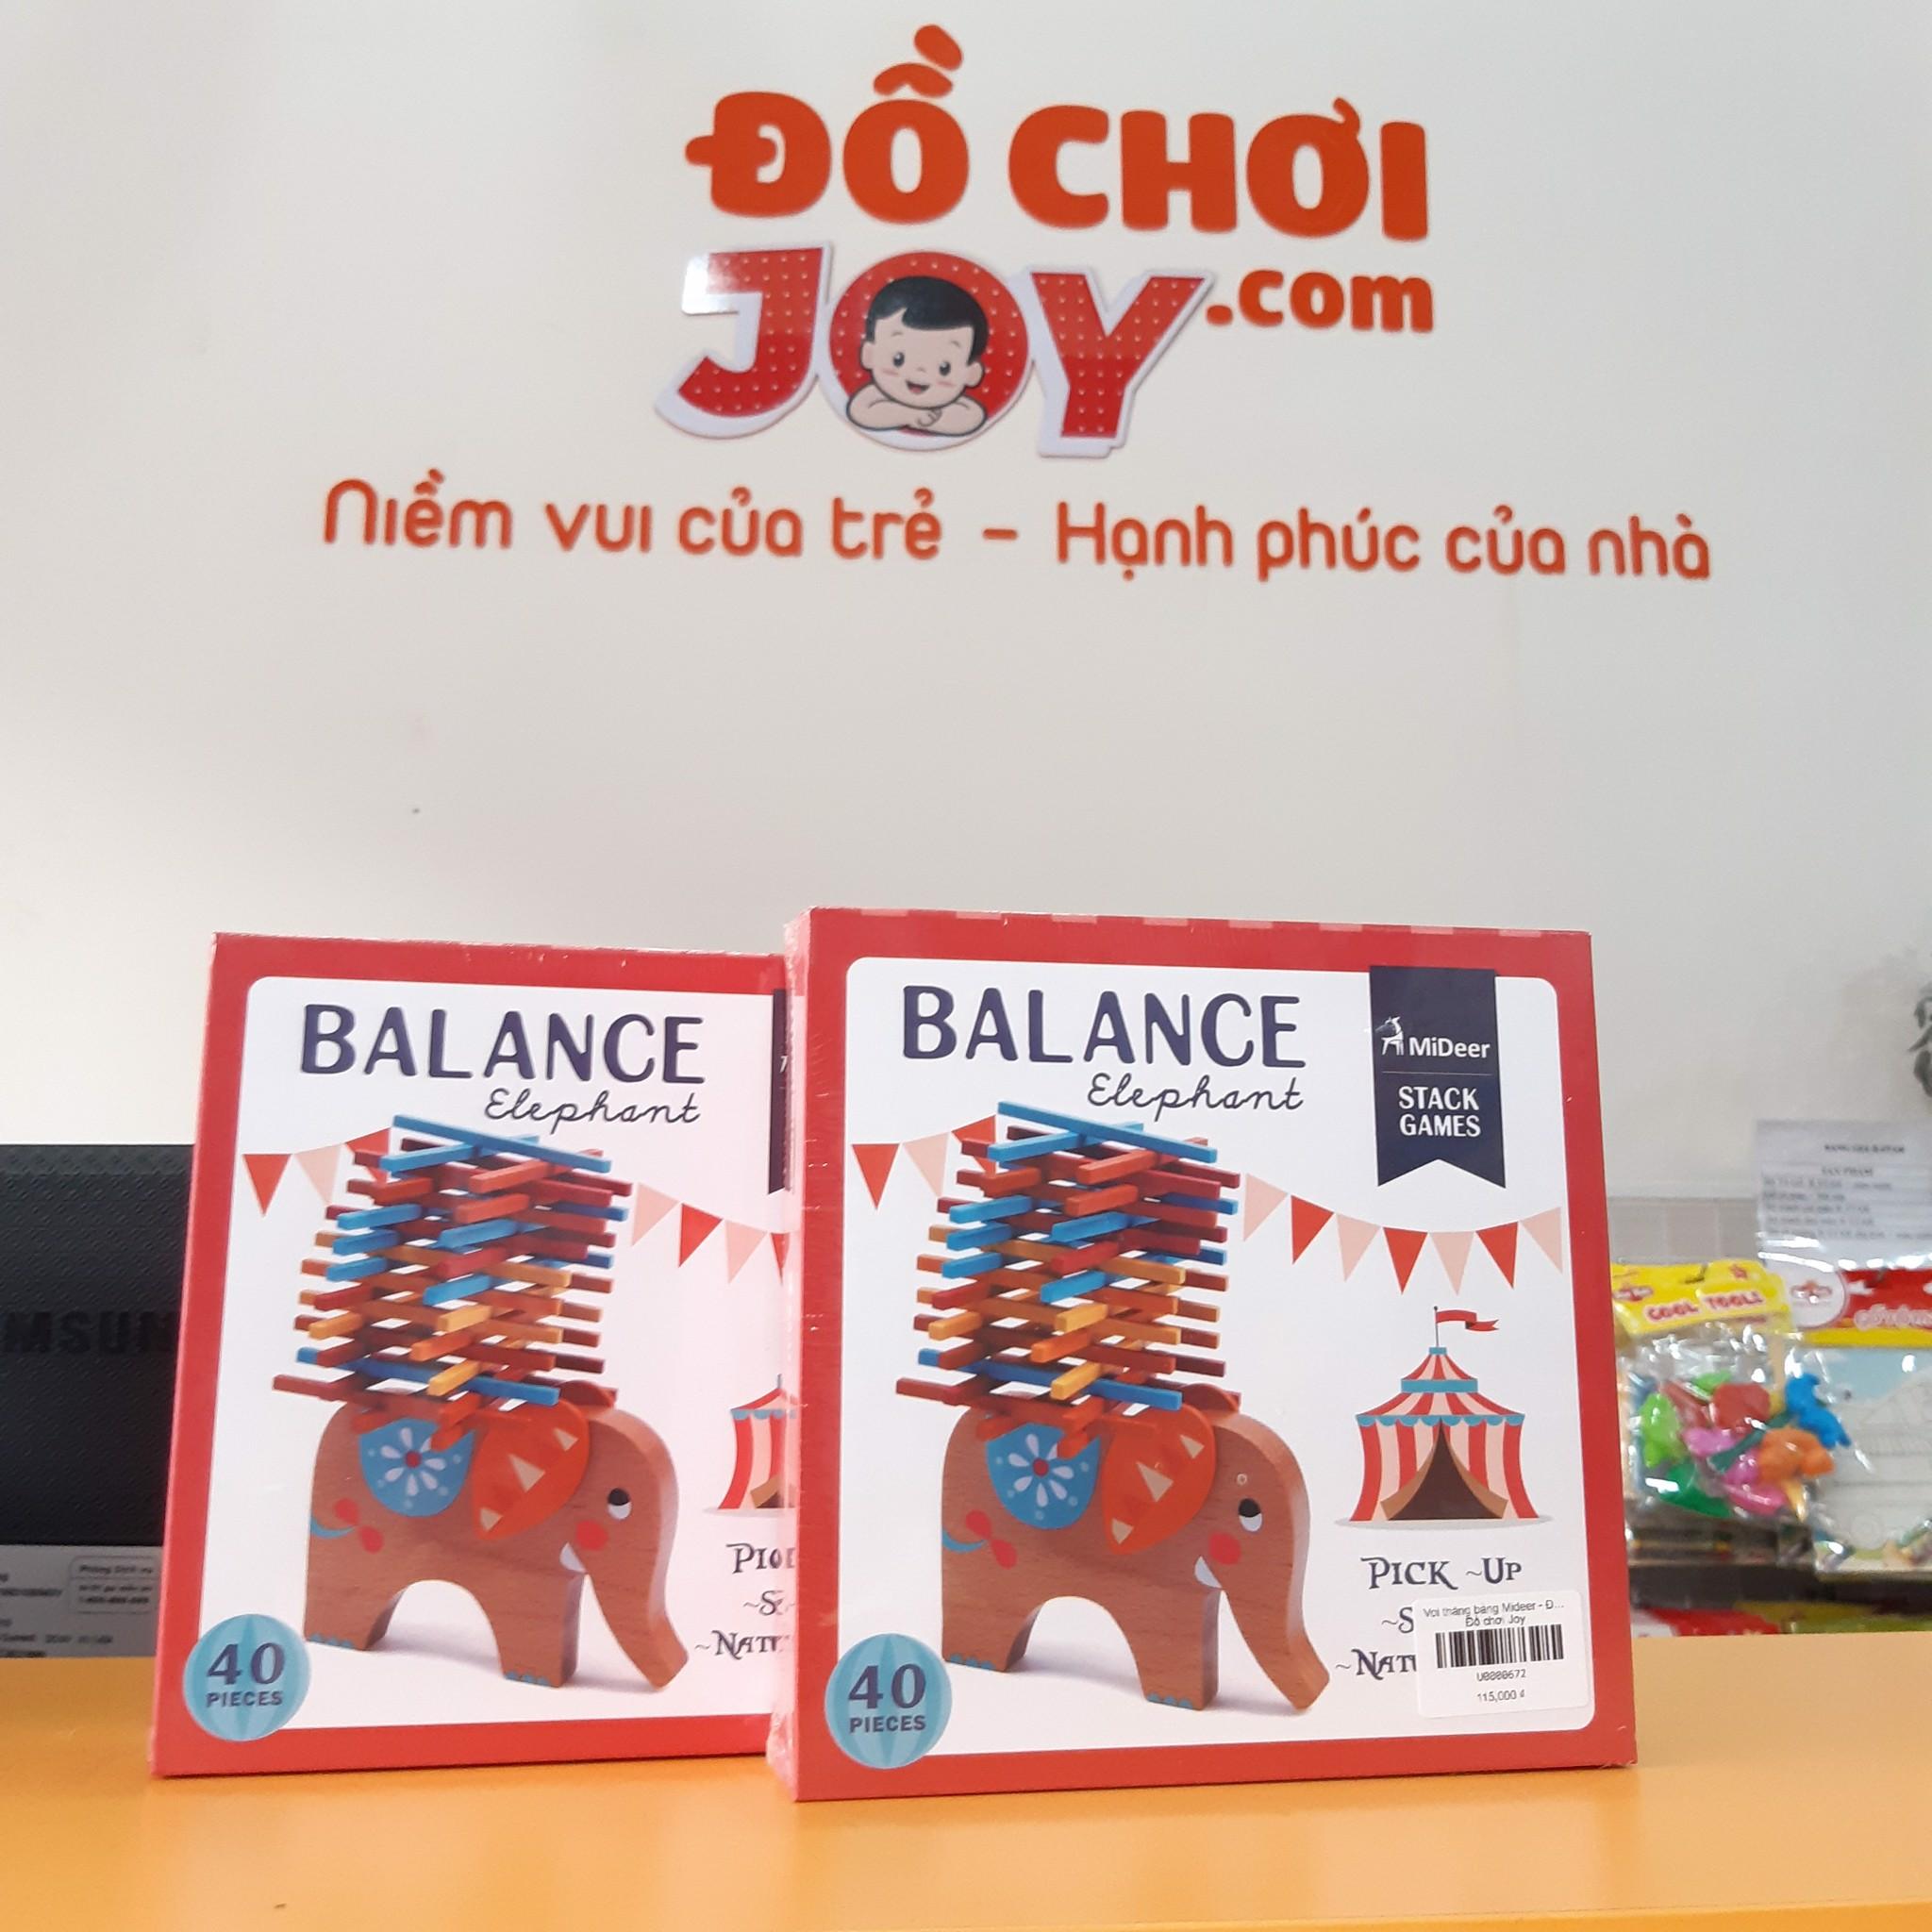 Voi thăng bằng Mideer - Đồ chơi trẻ em